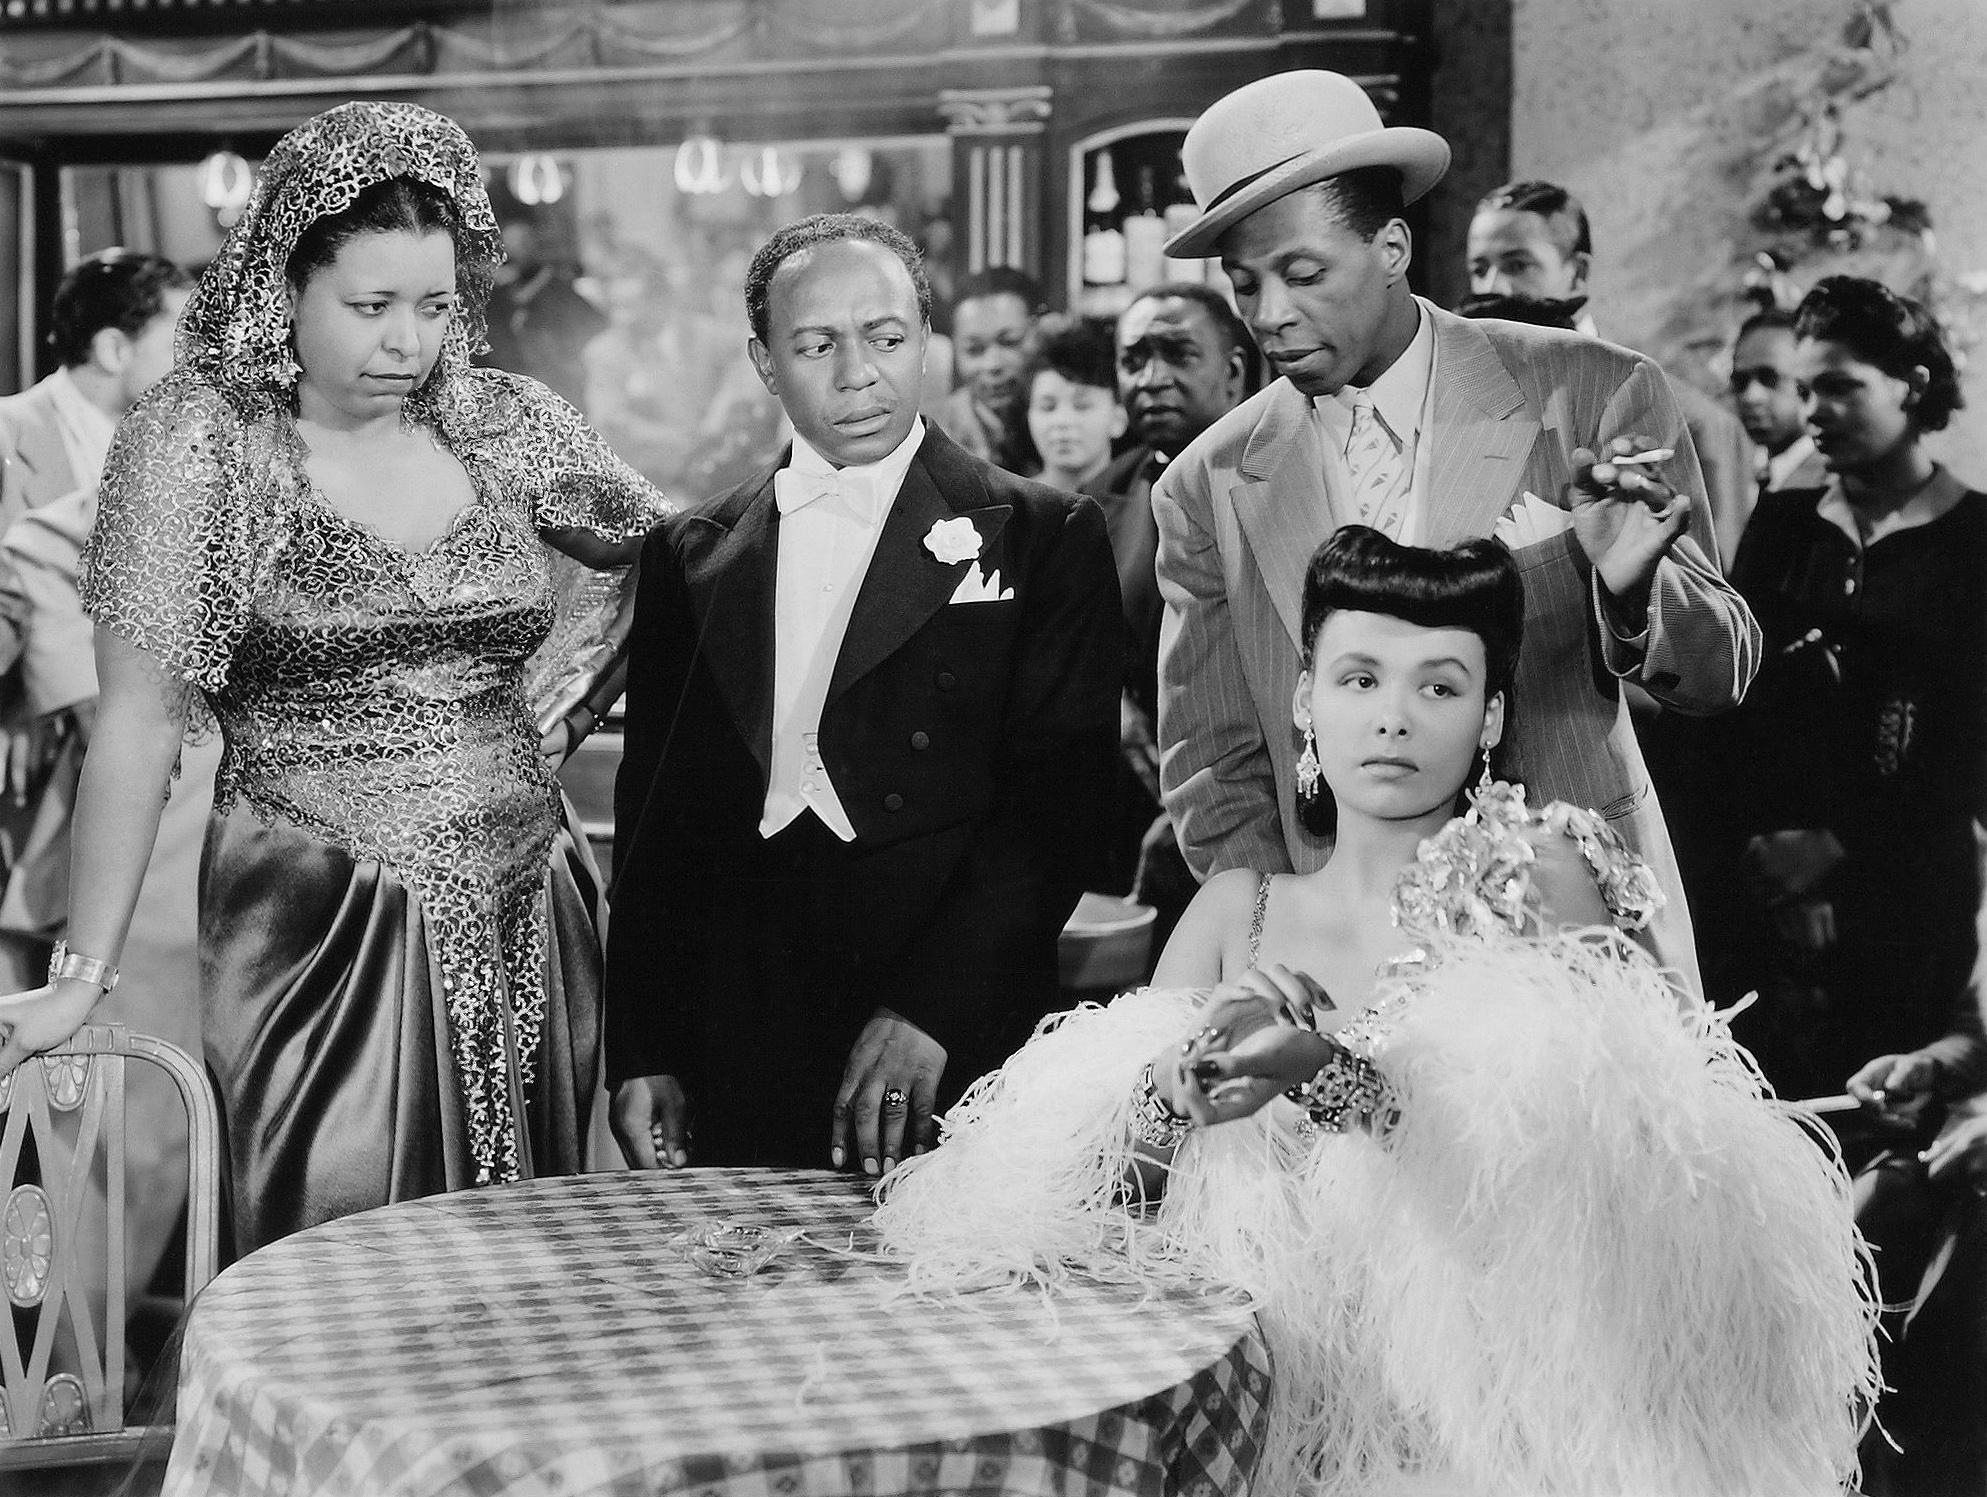 Lena Horne in Cabin in the Sky (L to R) Ethel Waters, Eddie